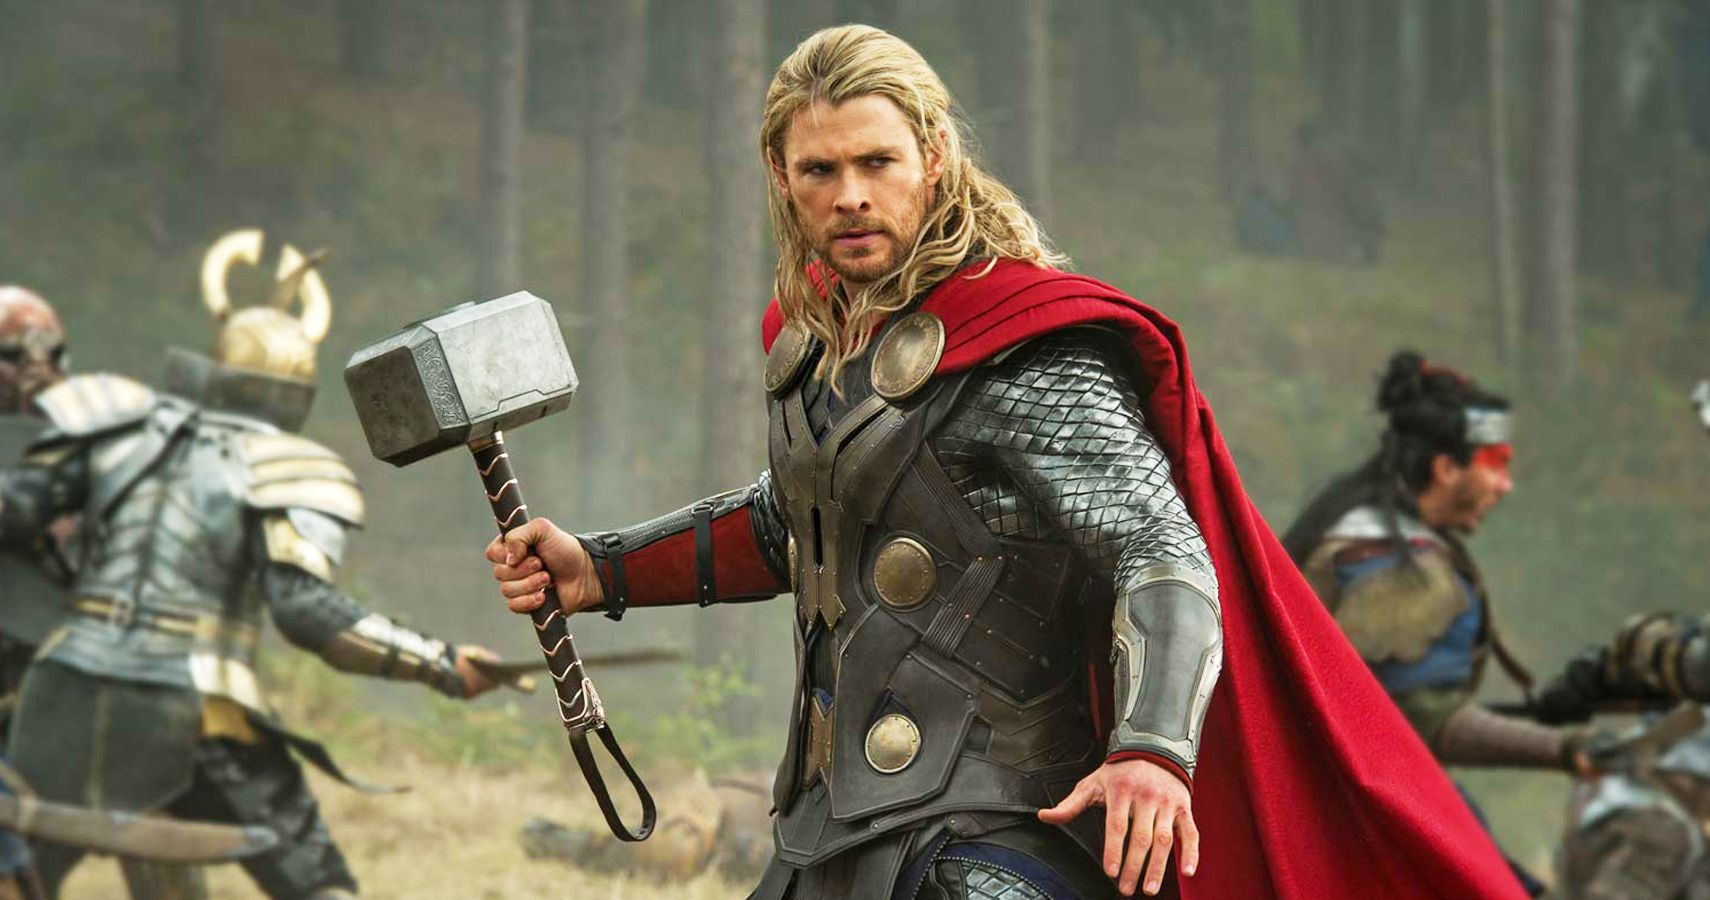 MCU's Best Siblings : 4 Reasons Why Thor & Loki Are MCU's Best Siblings